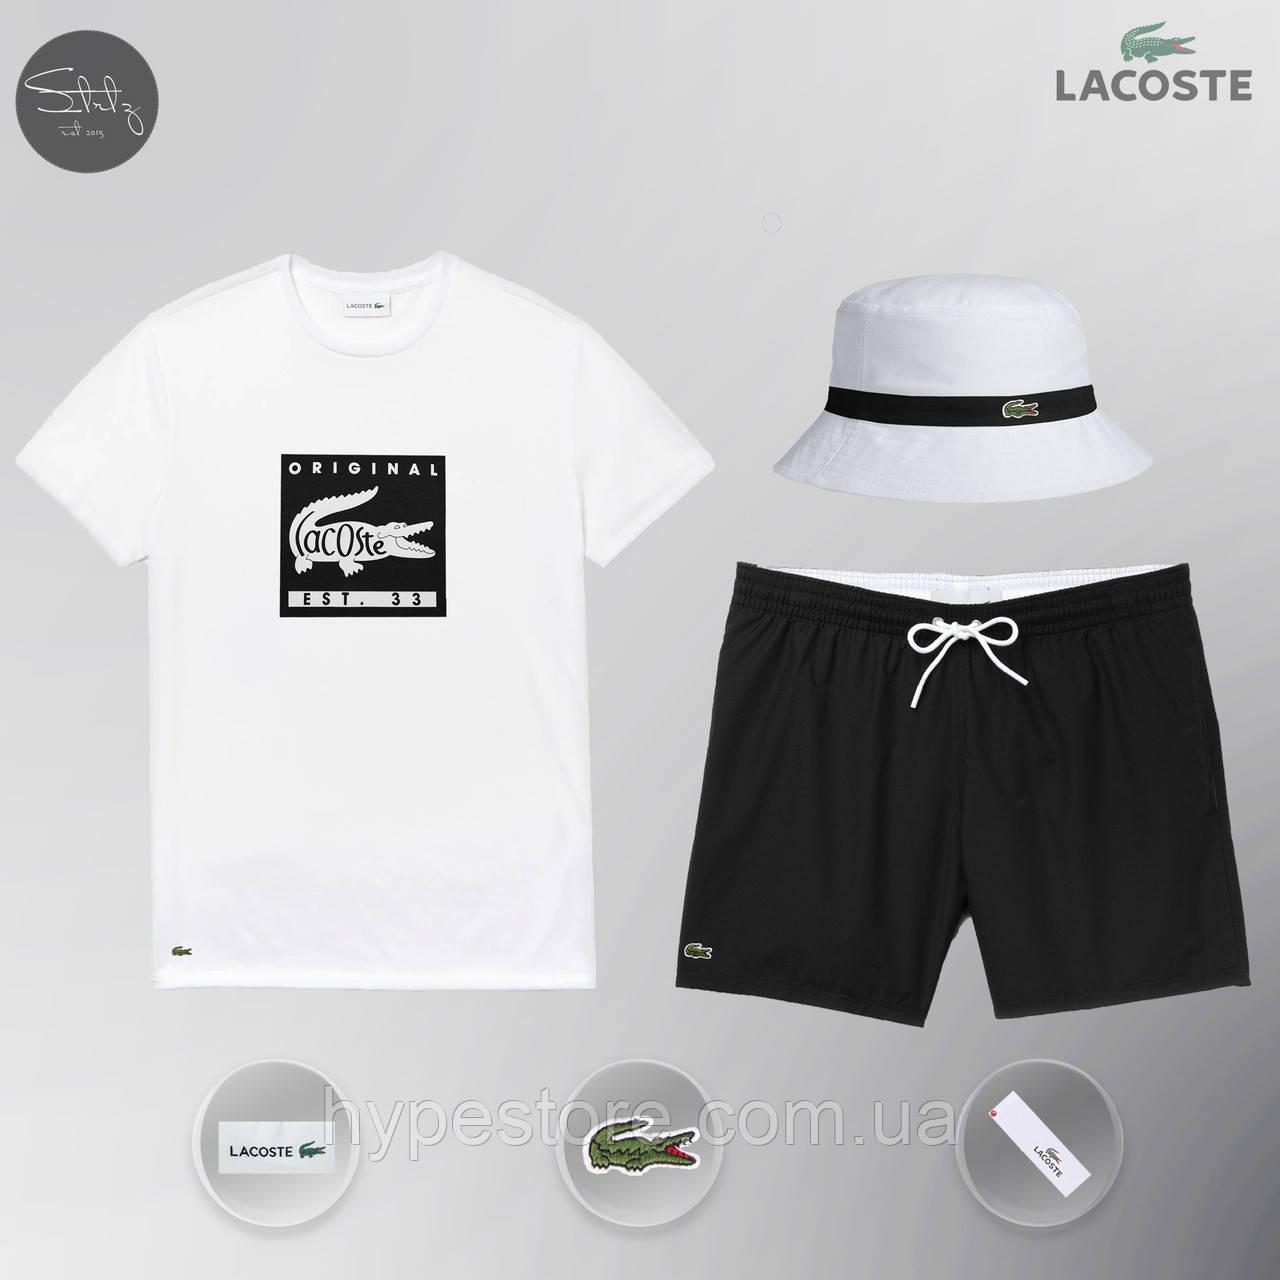 Мужской спортивный костюм, мужской пляжный комплект Lacoste Original, шорты+футболка, панама, Реплика (белый)